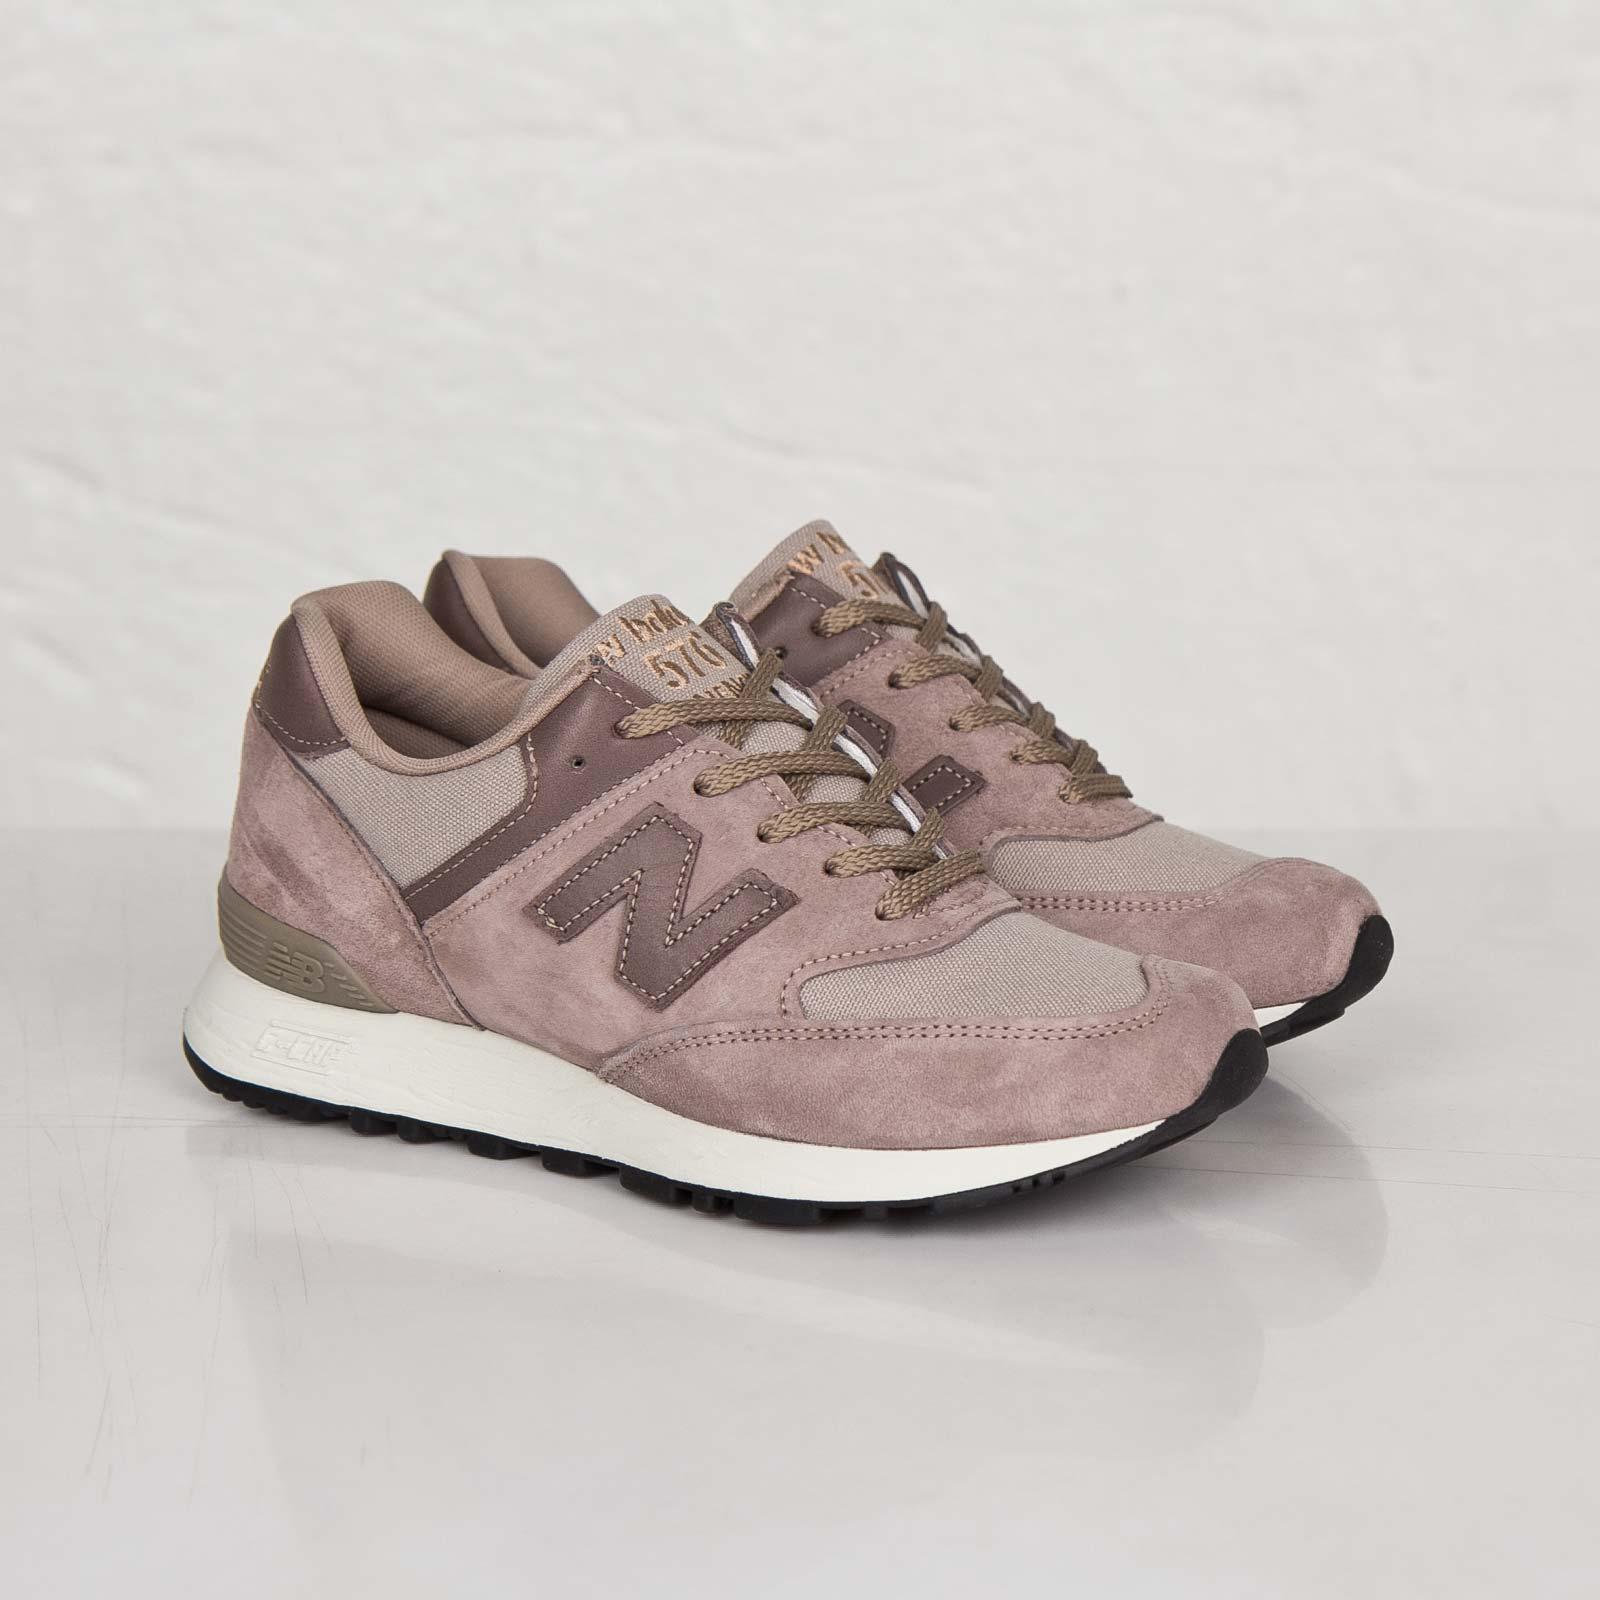 New Balance W576 - W576fc - Sneakersnstuff | sneakers & streetwear ...